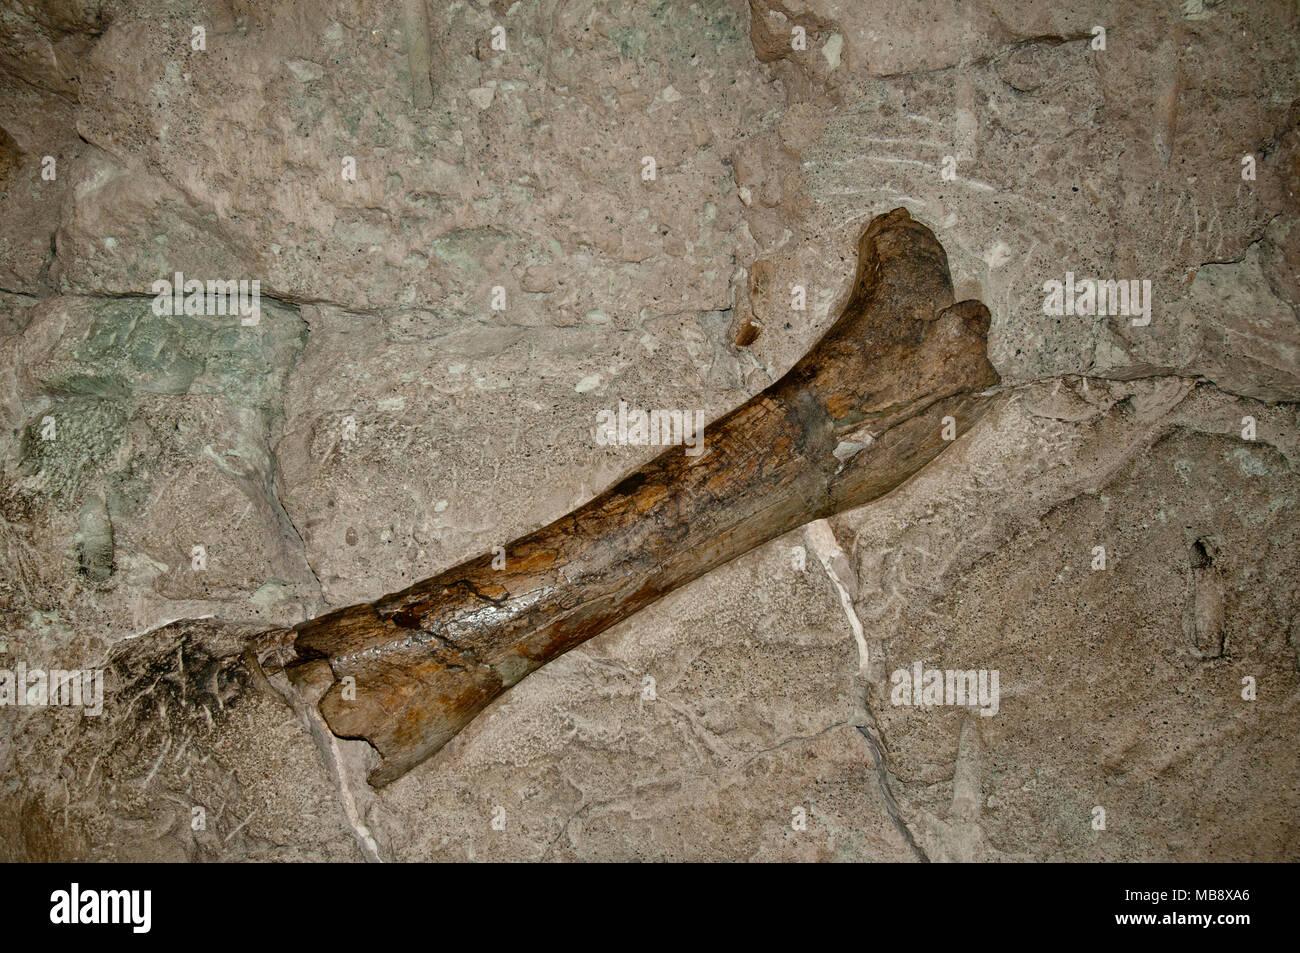 Hohl Dinosaurierknochen Fossil aus der oberen Jurassic Morrison Formation auf Anzeige im Steinbruch Ausstellungshalle im Dinosaur National Monument, Utah Stockbild